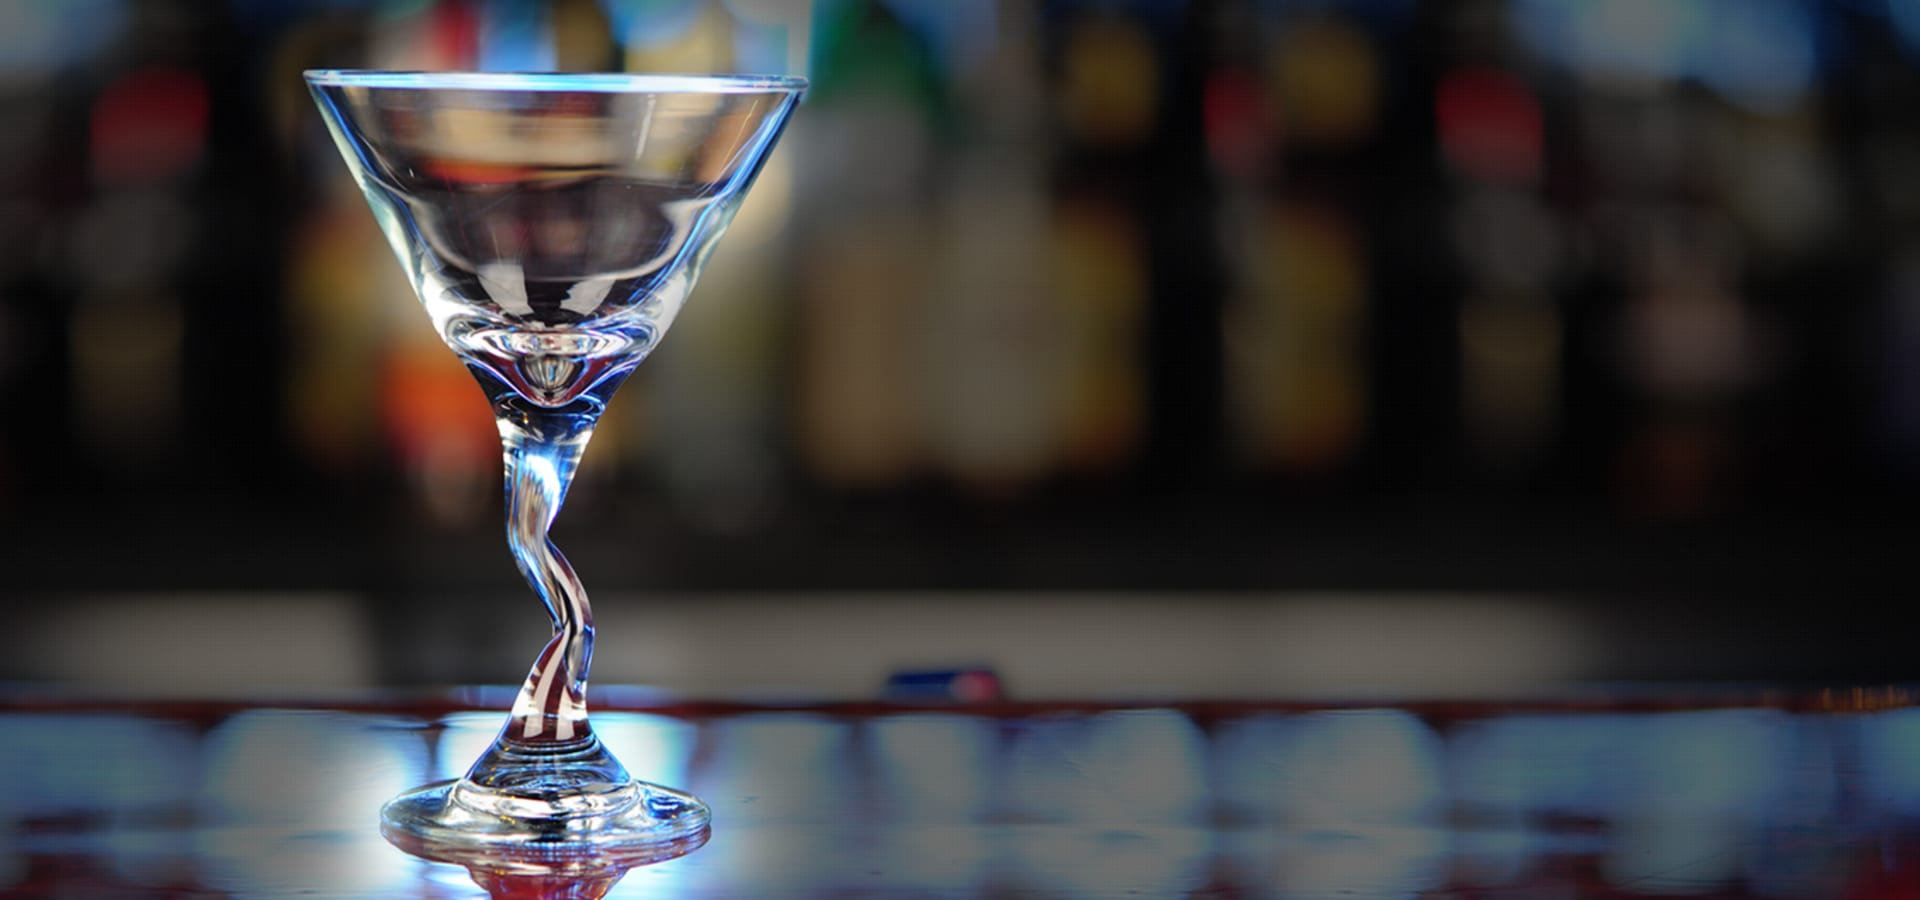 martini glass on bar